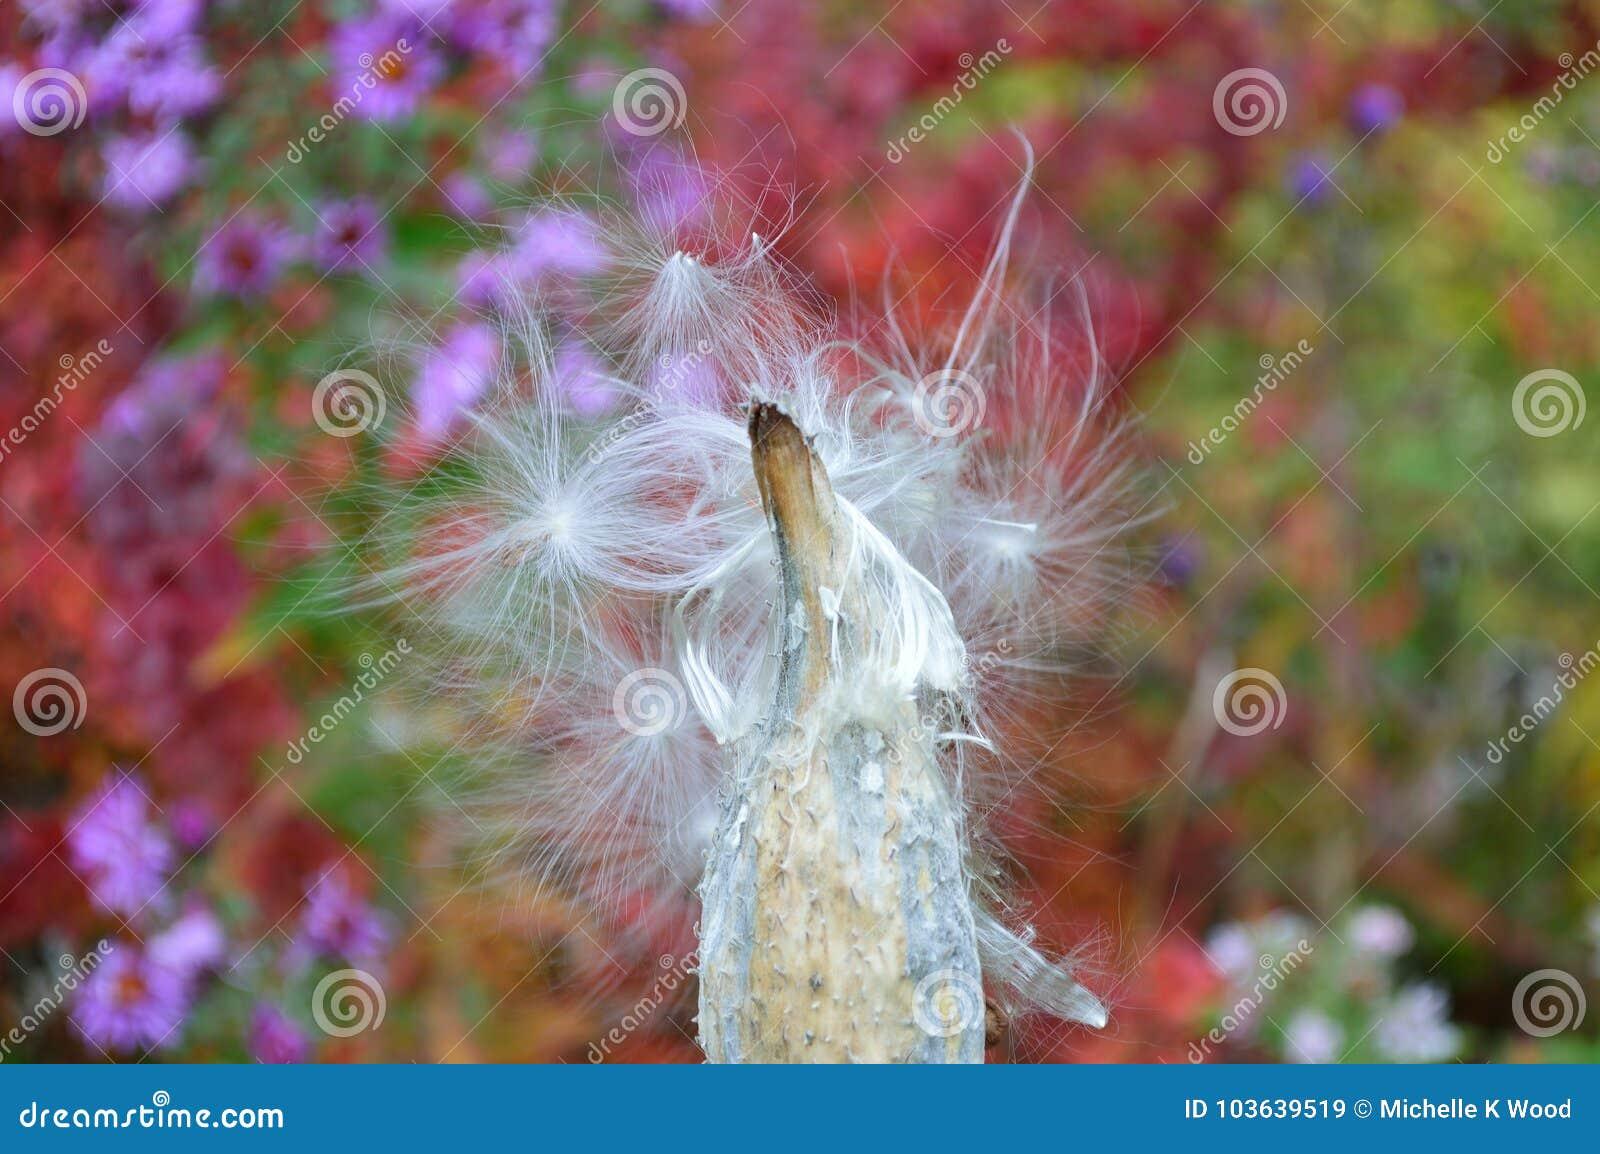 Common milkweed seed pod - follicle